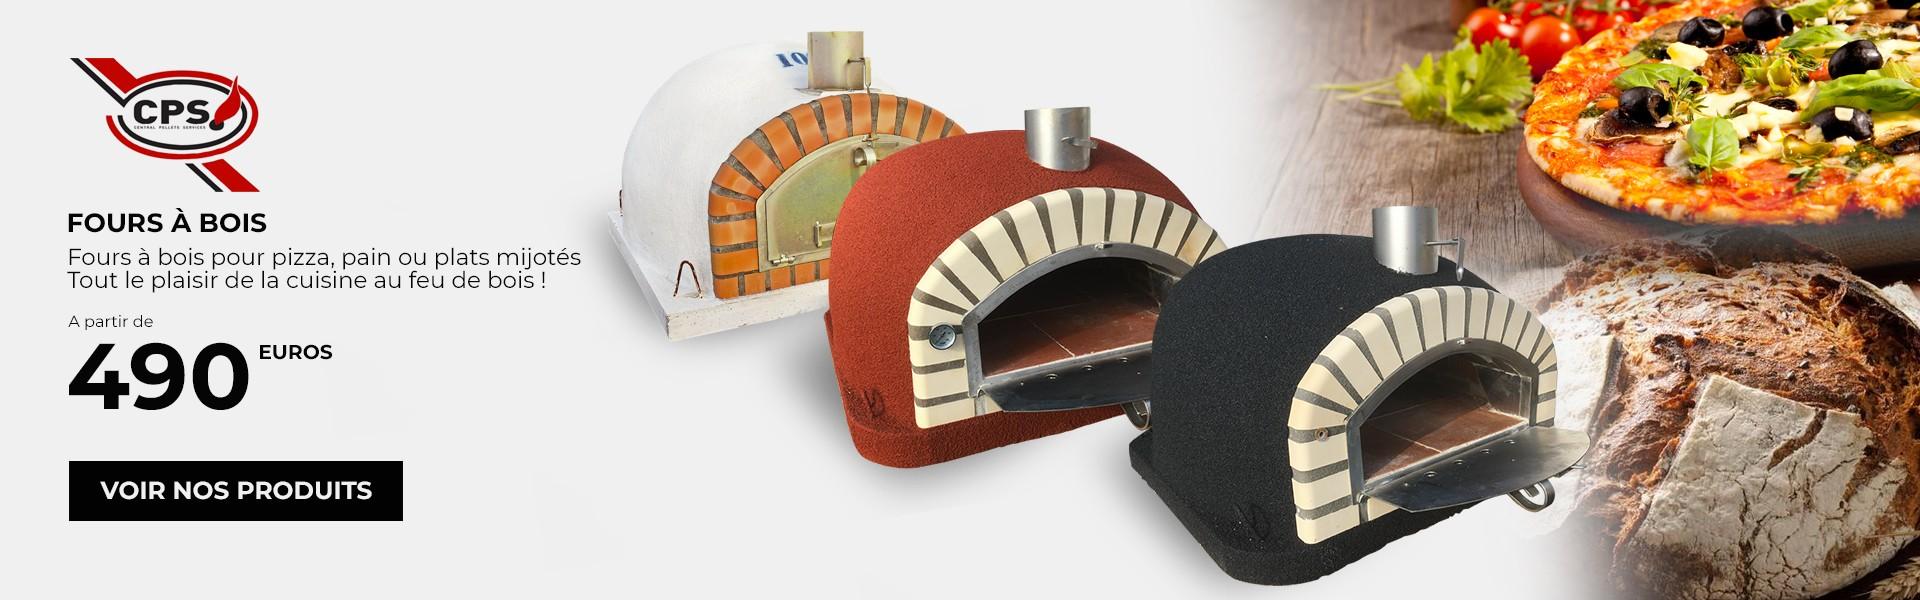 Four à bois, pour pizza et pain, plats gratinés